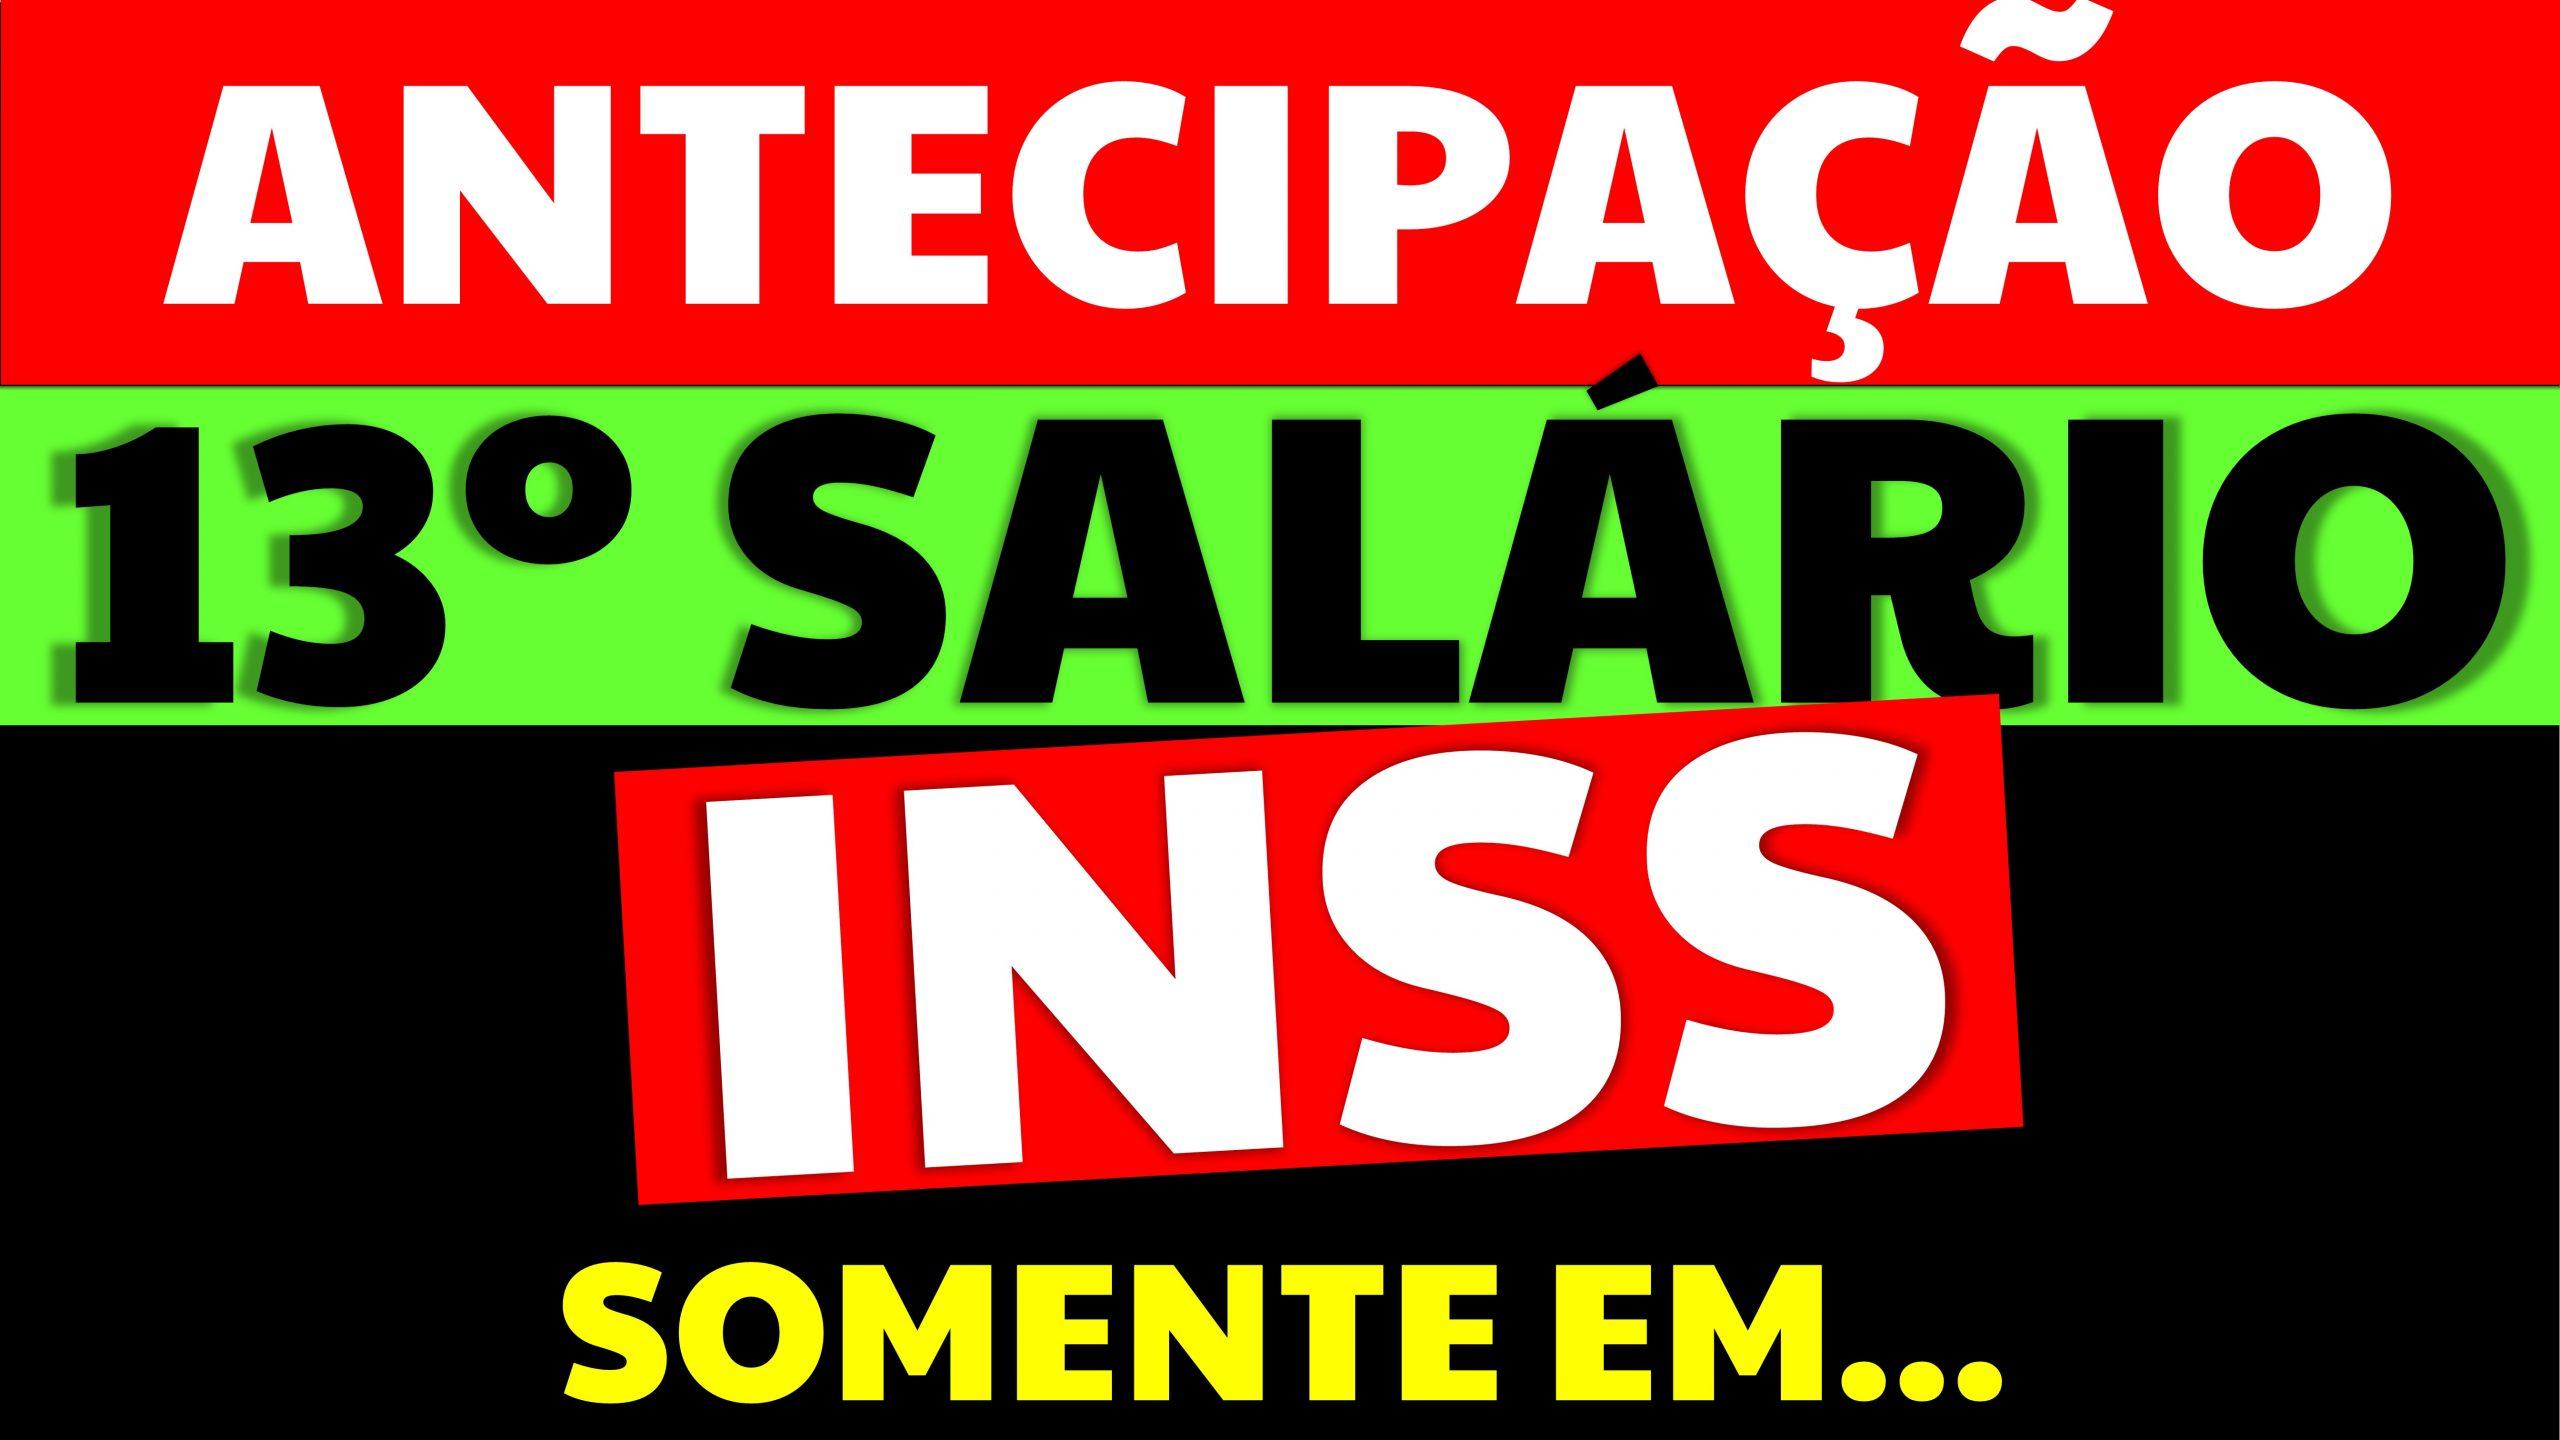 Antecipação do 13 salário do INSS somente em Maio